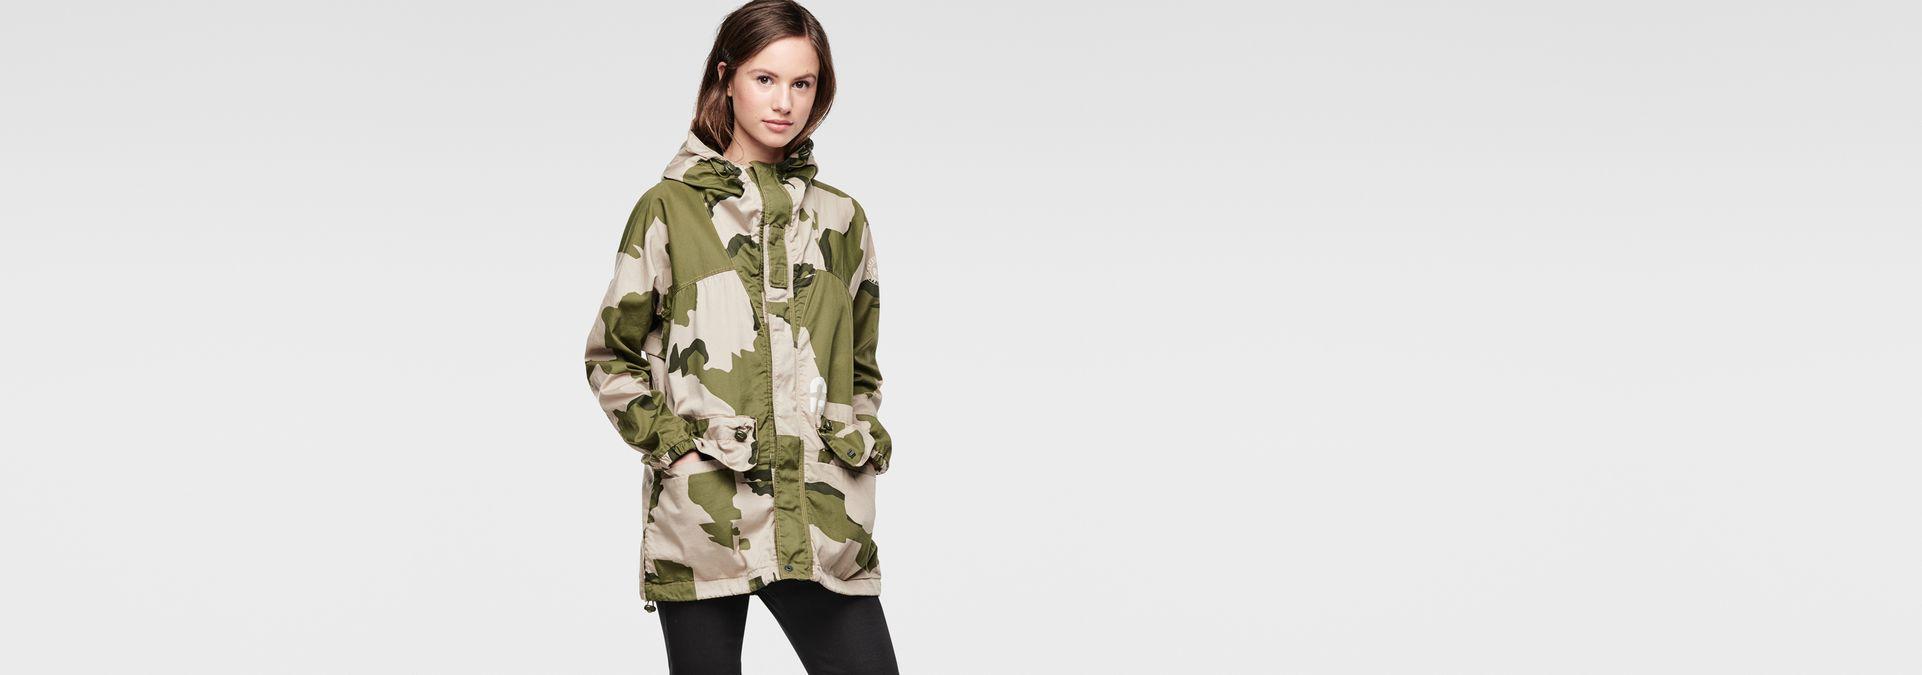 g star jacke damen camouflage modische jacken dieser saison foto blog. Black Bedroom Furniture Sets. Home Design Ideas